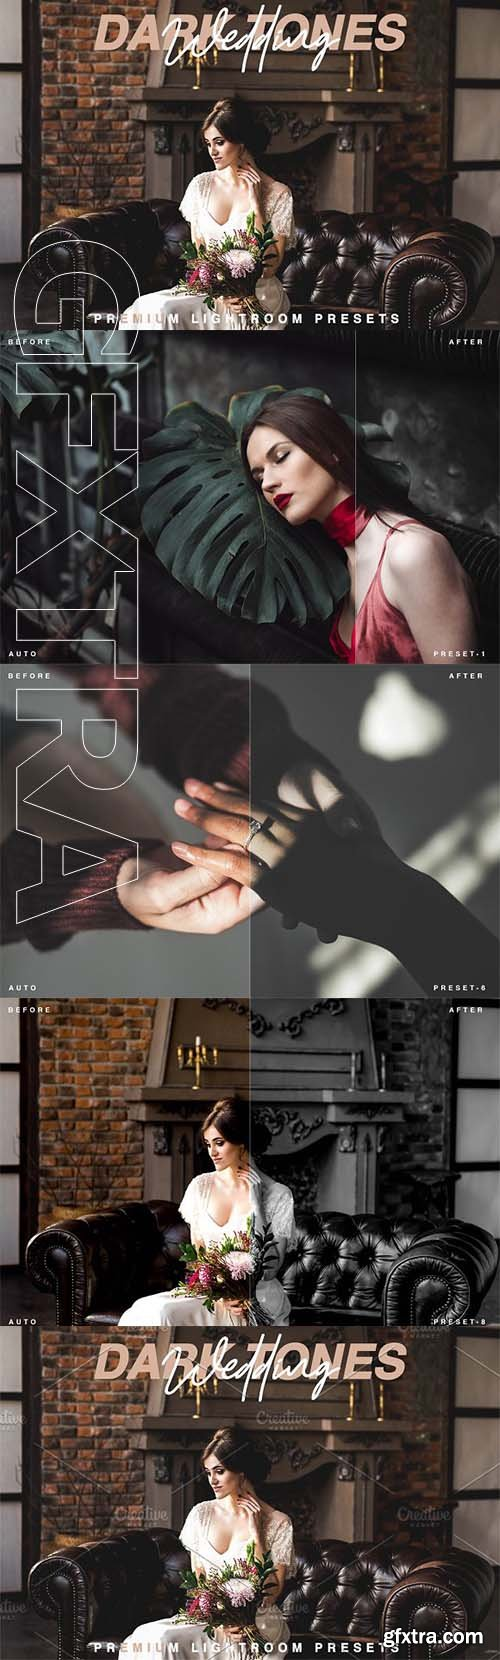 CreativeMarket - Dark Tones Wedding Lr Presets 2534862